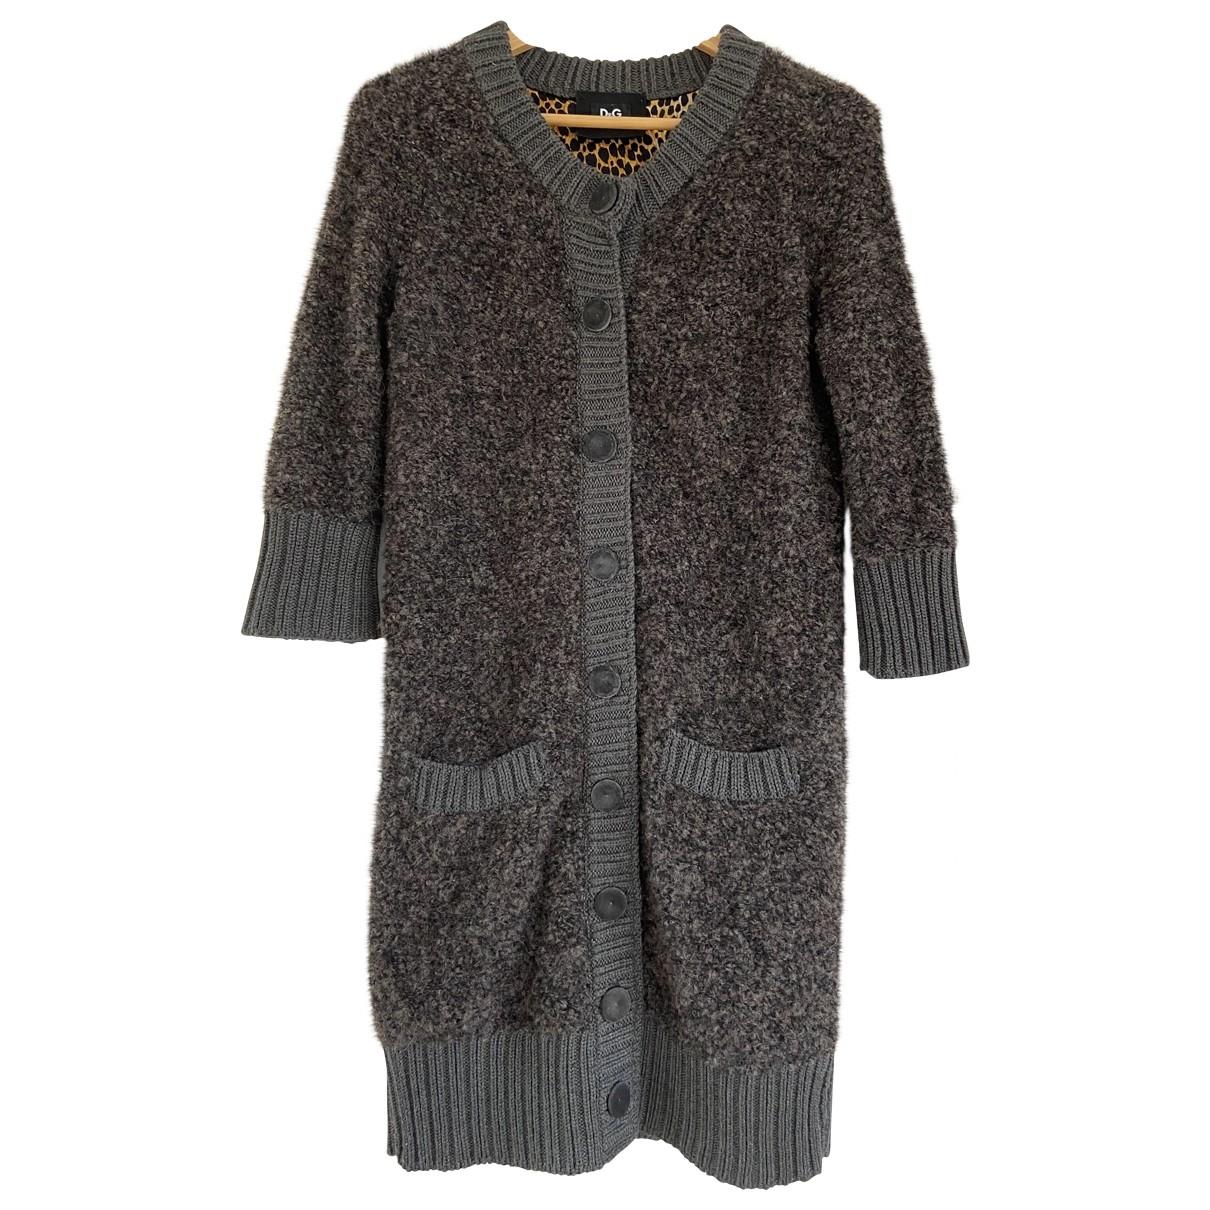 D&g - Pull   pour femme en laine - anthracite